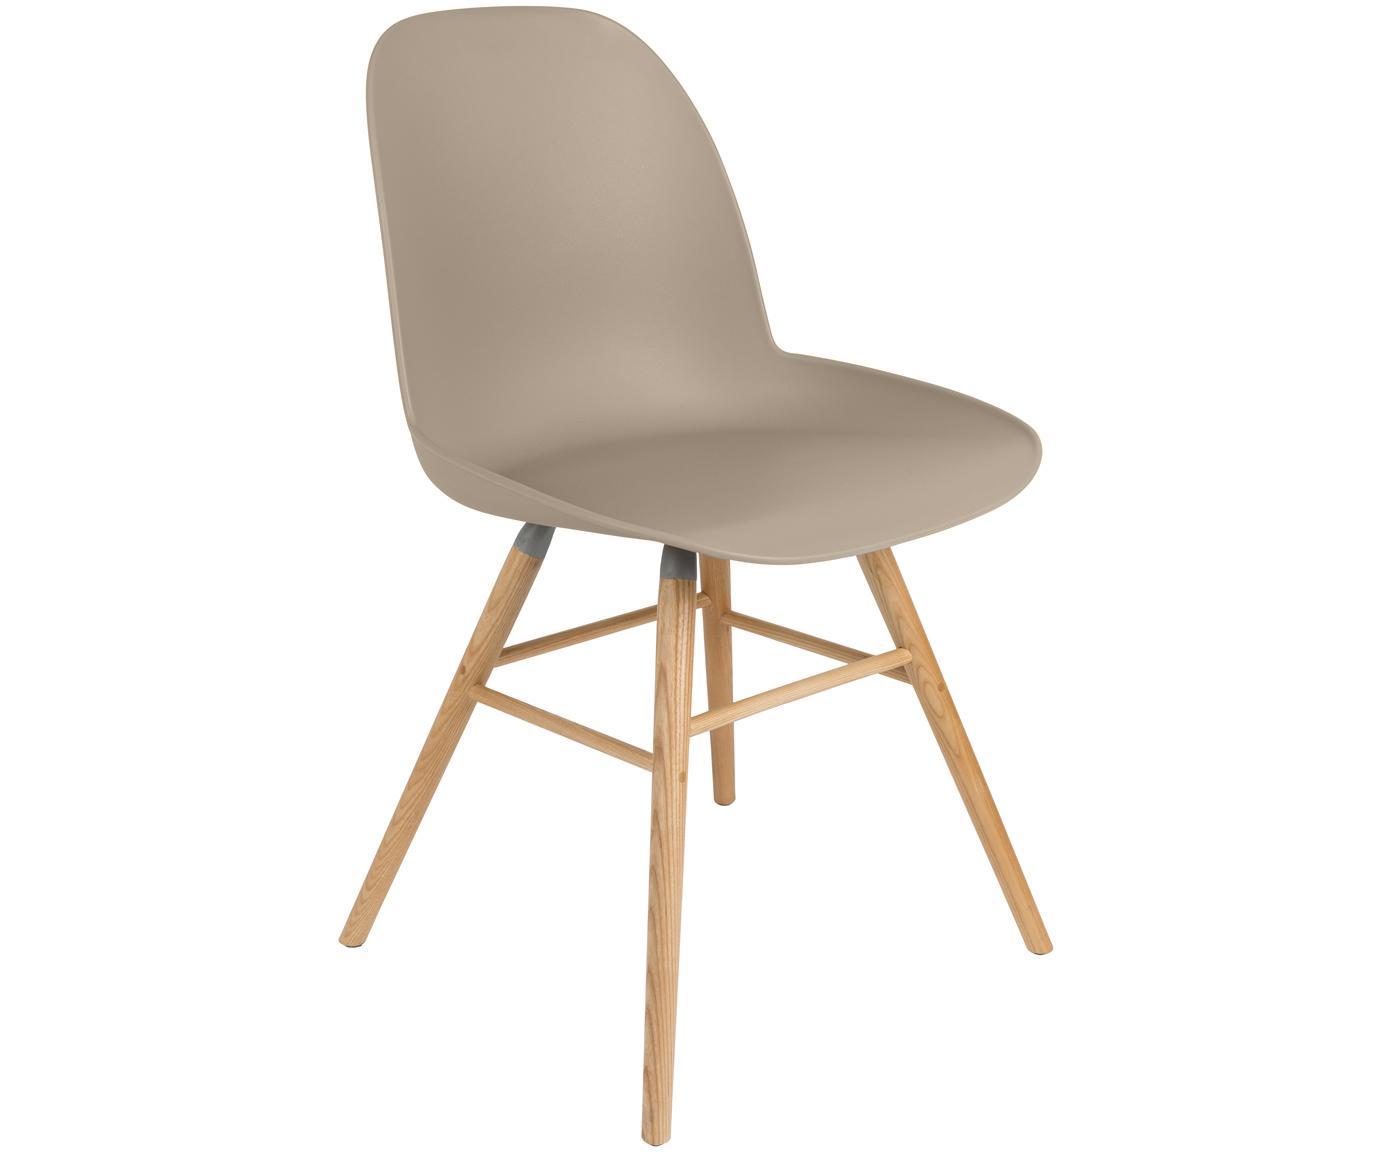 Krzesło Albert Kuip, Nogi: drewno dębowe, Taupe, S 49 x G 55 cm